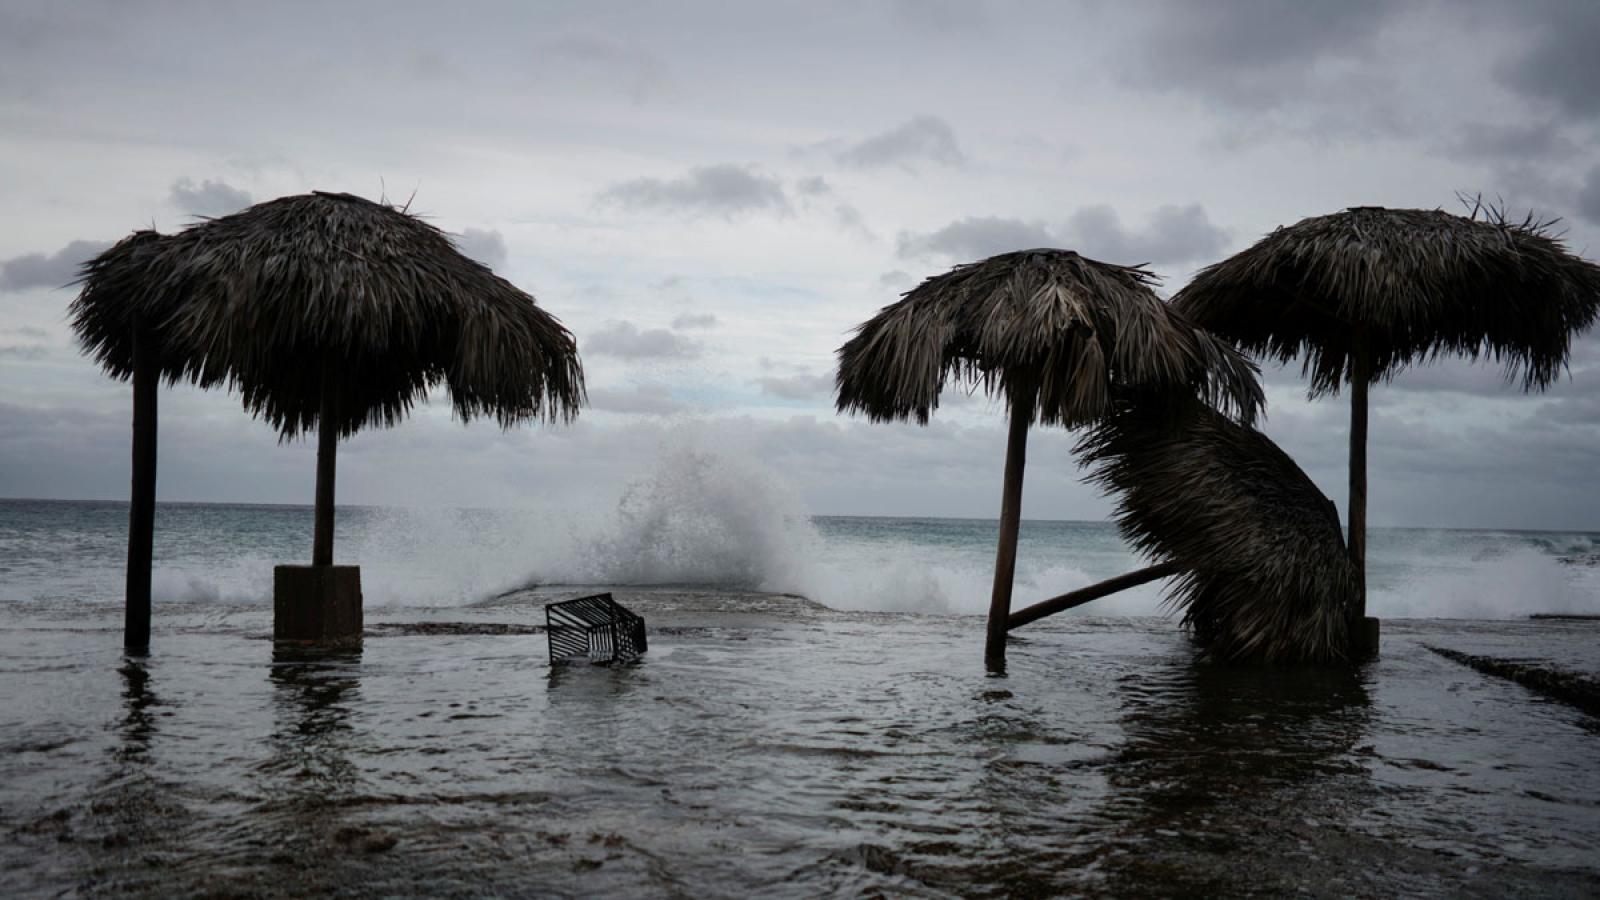 Bão Laura đổ bộ Cuba, hàng ngàn nhà dân bị cô lập do cầu gẫy